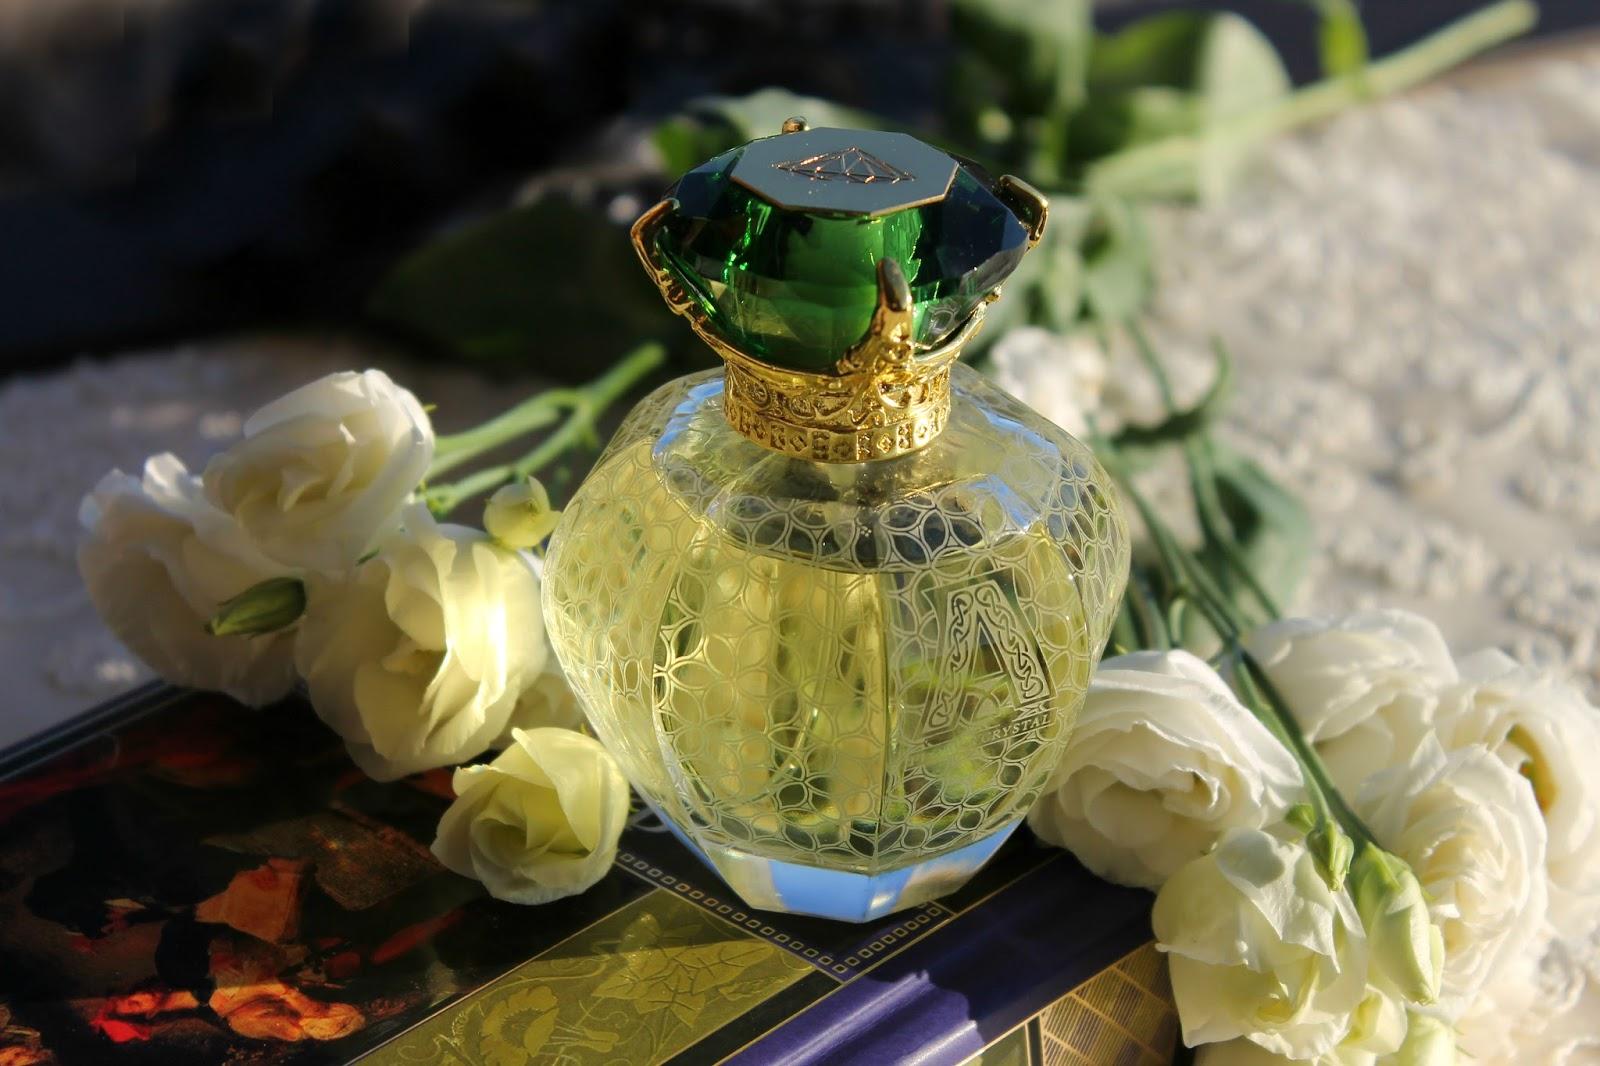 время картинки запахи цветов оренбурге